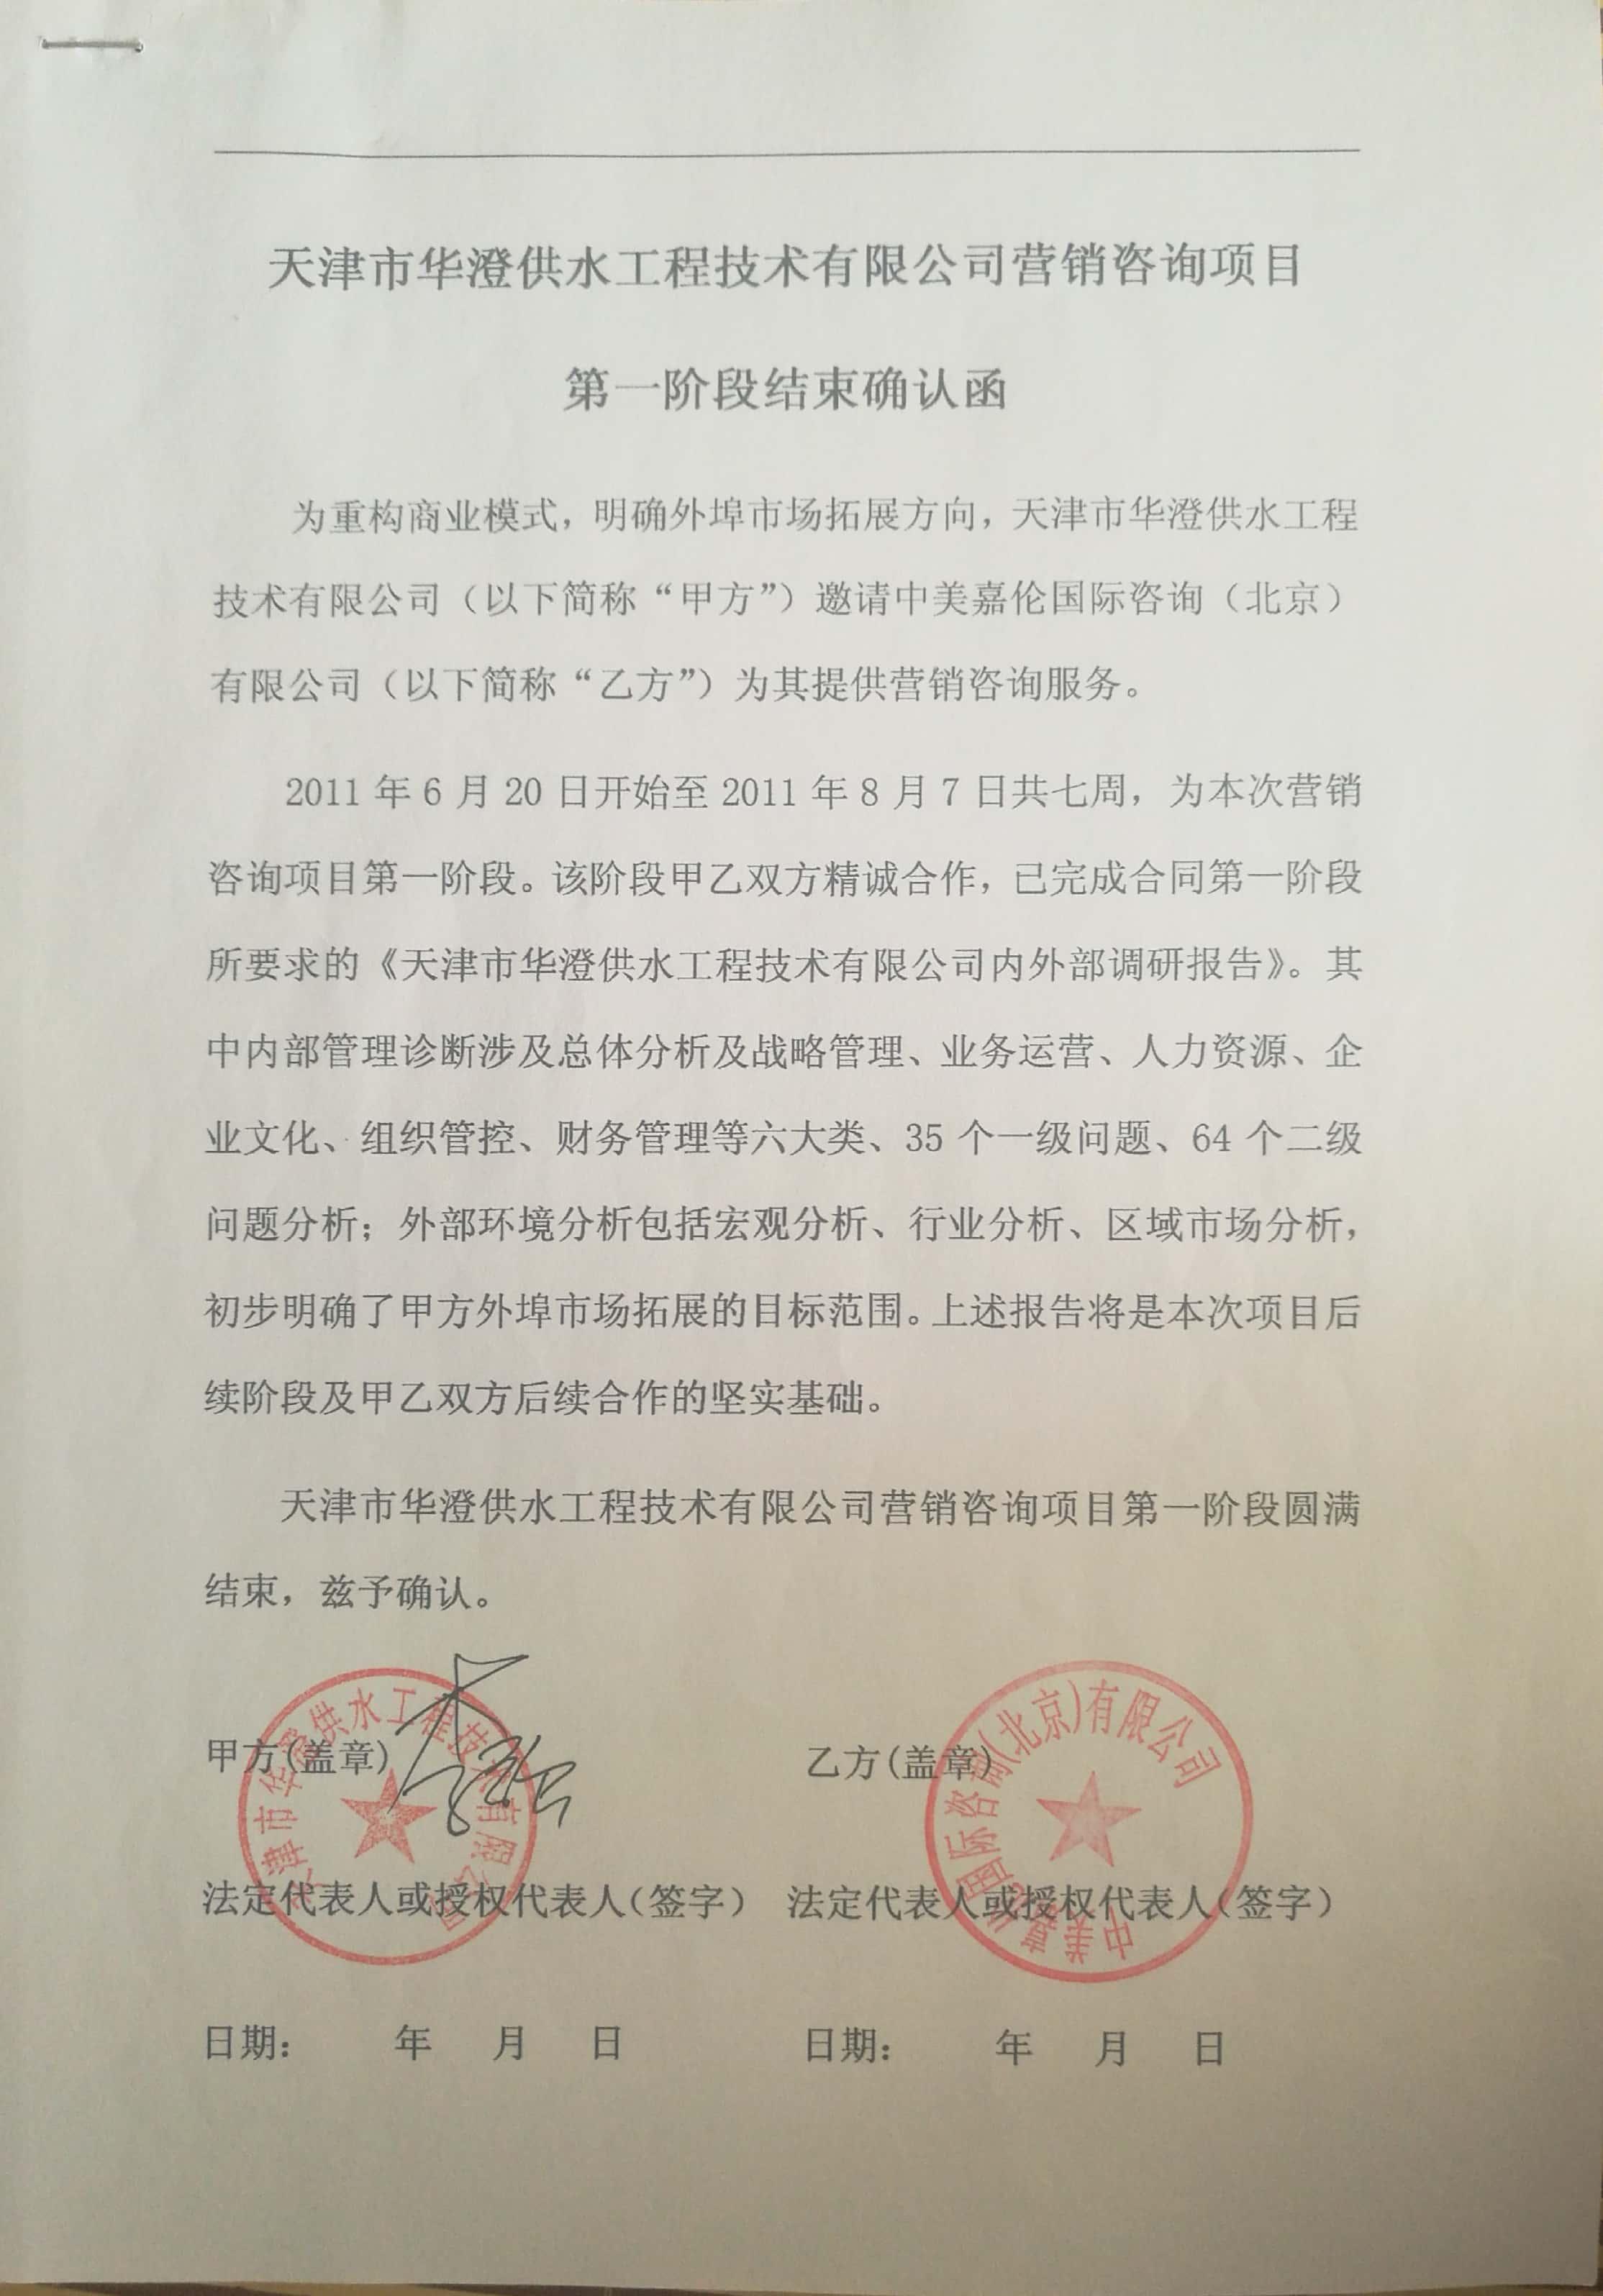 天津市华澄供水工程技术有限公司营销咨询项目第一阶段结束确认函